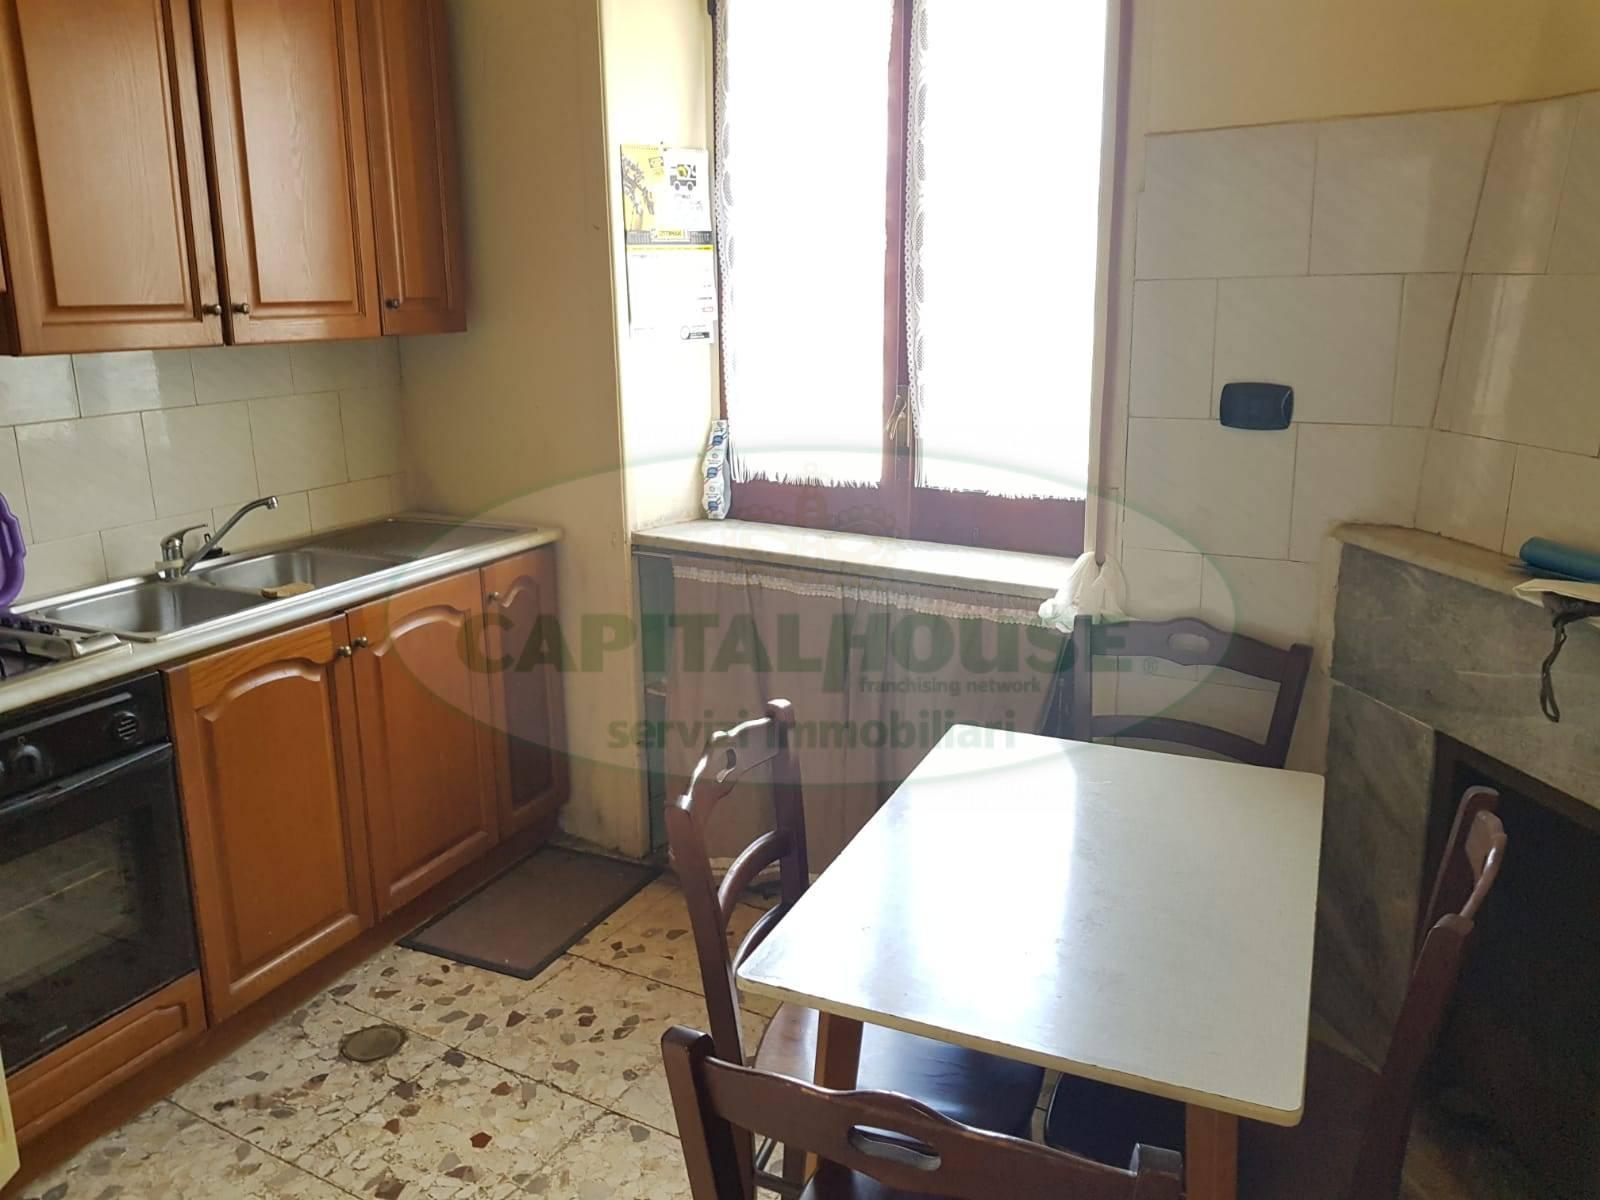 Soluzione Semindipendente in vendita a Comiziano, 3 locali, prezzo € 55.000 | CambioCasa.it